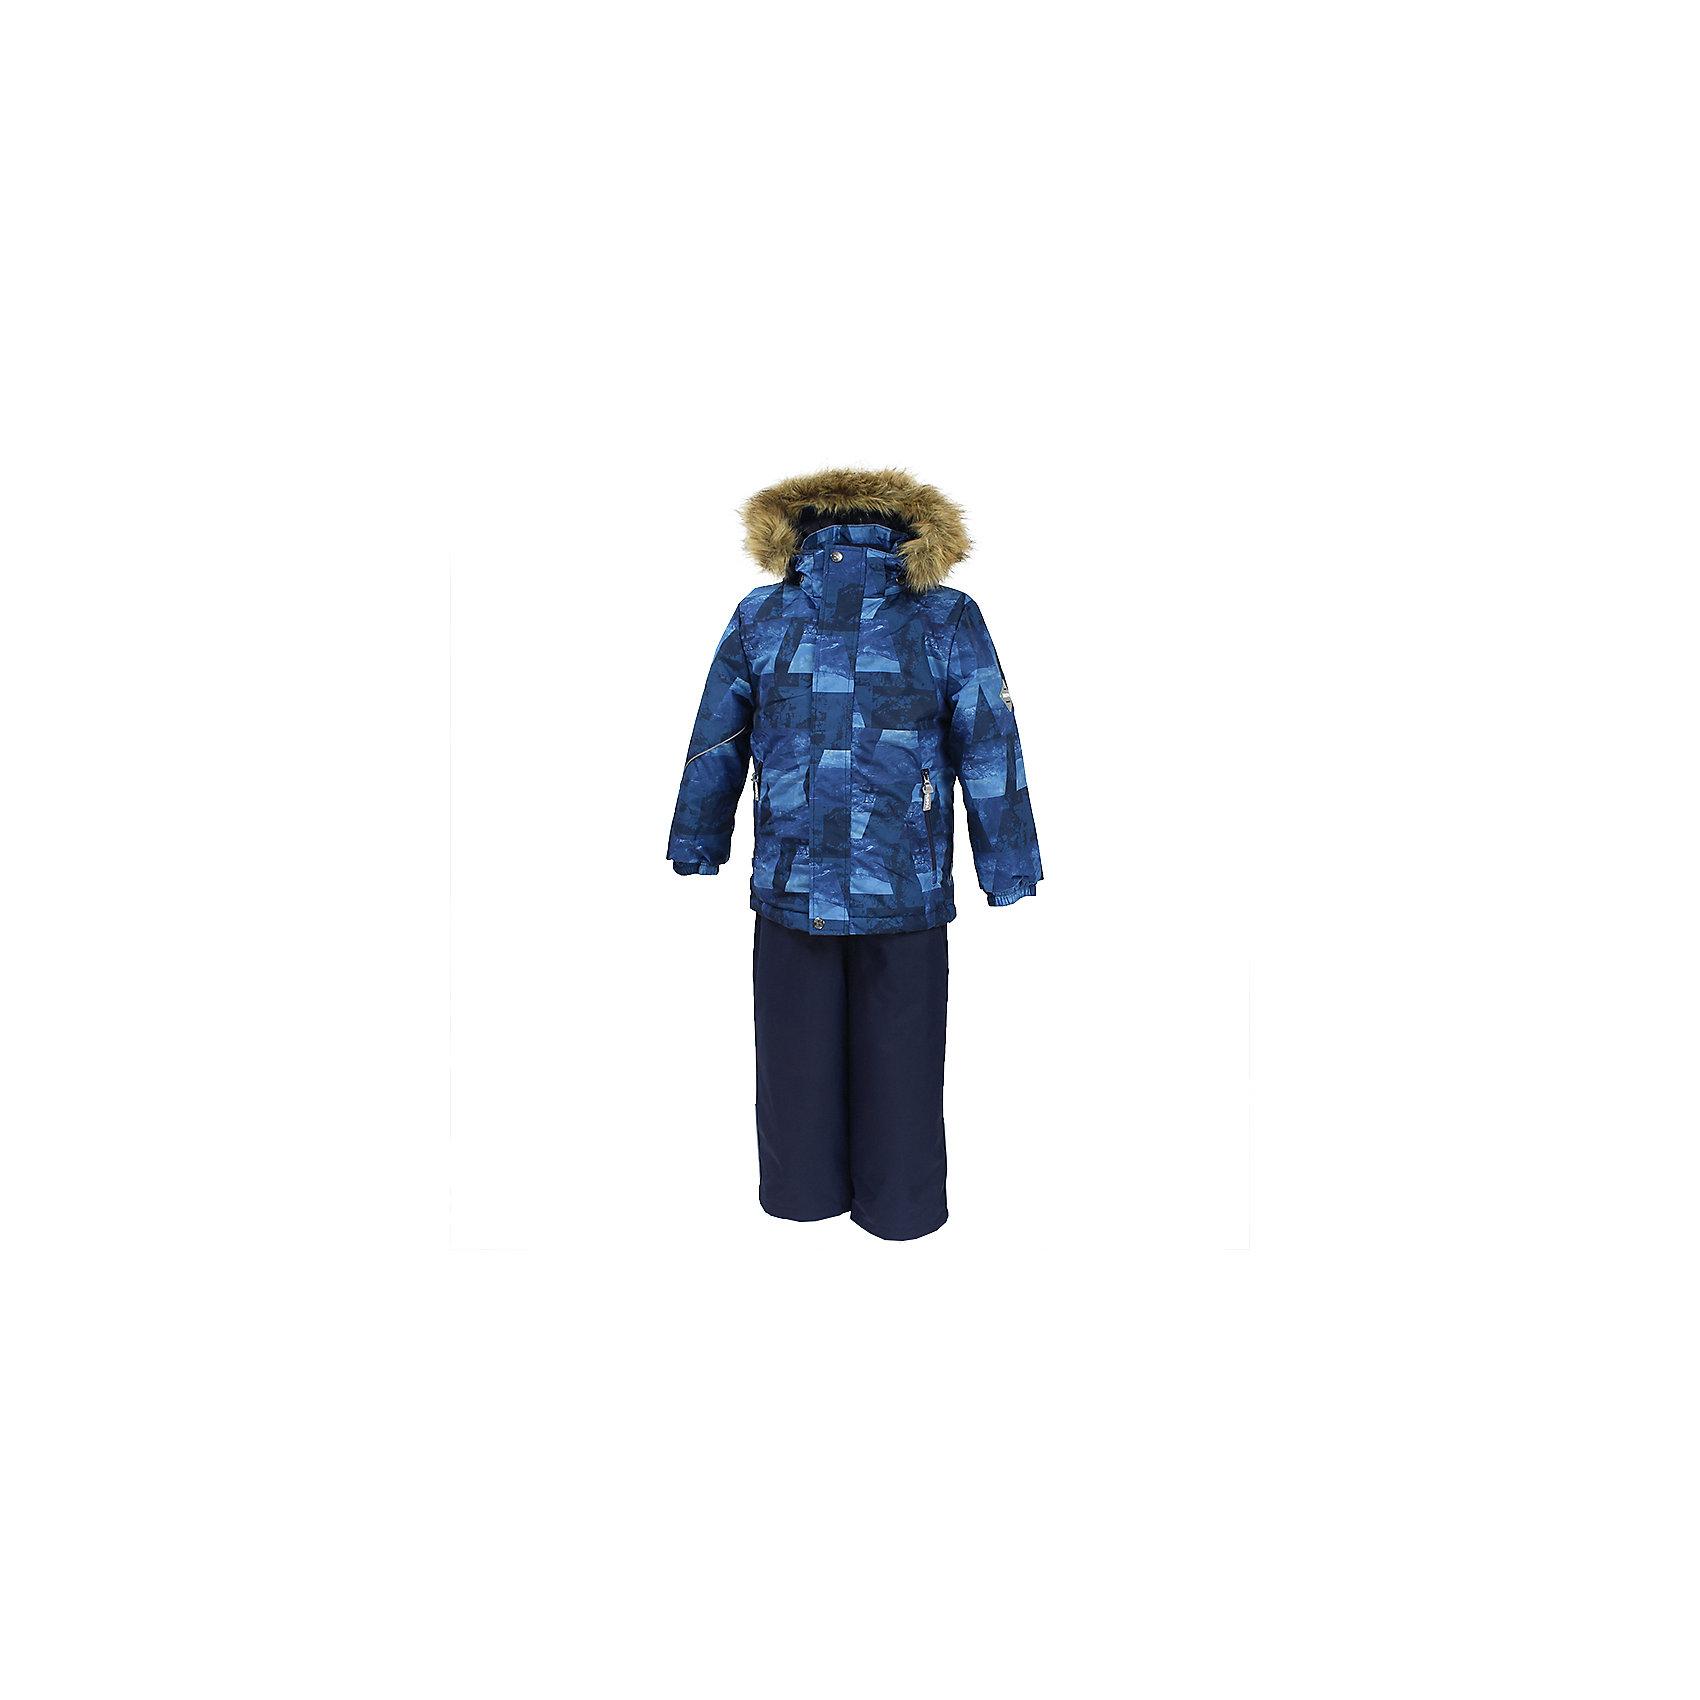 Комплект: куртка и брюки DANTE HuppaВерхняя одежда<br>Характеристики товара:<br><br>• модель: Dante;<br>• цвет: синий принт/синий;<br>• состав: 100% полиэстер;<br>• утеплитель: нового поколения HuppaTherm, 300 гр куртка / 160гр брюки;<br>• подкладка: полиэстер: тафта, pritex;<br>• сезон: зима;<br>• температурный режим: от -5 до - 30С;<br>• водонепроницаемость: 10000 мм;<br>• воздухопроницаемость: 10000 г/м2/24ч;<br>• особенности модели: c рисунком; с мехом на капюшоне;<br>• плечевые швы и шаговый шов проклеены и не пропускают влагу;<br>• в куртке застежка молния, прикрыта планкой;<br>• низ куртки стягивается кулиской, что помогает предотвращать попадание снега внутрь;<br>• эластичные подтяжки регулируются по длине;<br>• низ брюк затягивается на шнурок с фиксатором;<br>• снегозащитные манжеты на штанинах;<br>• безопасный капюшон крепится на кнопки и, при необходимости, отстегивается;<br>• искусственный мех на капюшоне съемный;<br>• светоотражающие элементы для безопасности ребенка;<br>• внутренний и боковые карманы застегиваются на молнию;<br>• манжеты рукавов эластичные, на резинках; <br>• страна бренда: Финляндия;<br>• страна изготовитель: Эстония.<br><br>Зимний комплект Dante - это отличный вариант для холодной зимы.. Утеплитель HuppaTherm - высокотехнологичный легкий синтетический утеплитель нового поколения. Сохраняет объем и высокую теплоизоляцию изделия. Легко стирается и быстро сохнет. Изделия HuppaTherm легкие по весу, комфортные и теплые.<br><br>Мембрана препятствует прохождению воды и ветра сквозь ткань внутрь изделия, позволяя испаряться выделяемой телом, образовывающейся внутри влаге. Прочная ткань: сплетения волокон в тканях выполнены по специальной технологии, которая придаёт ткани прочность и предохранят от истирания.Подкладка —полиэстер: тафта, pritex.<br><br>Функциональные элементы: Куртка: капюшон и мех отстегивается,  застежка молния, прикрыта планкой, манжеты на резинке, светоотражающие элементы. Брюки:  застежка молния, эластичные подтяжки регул